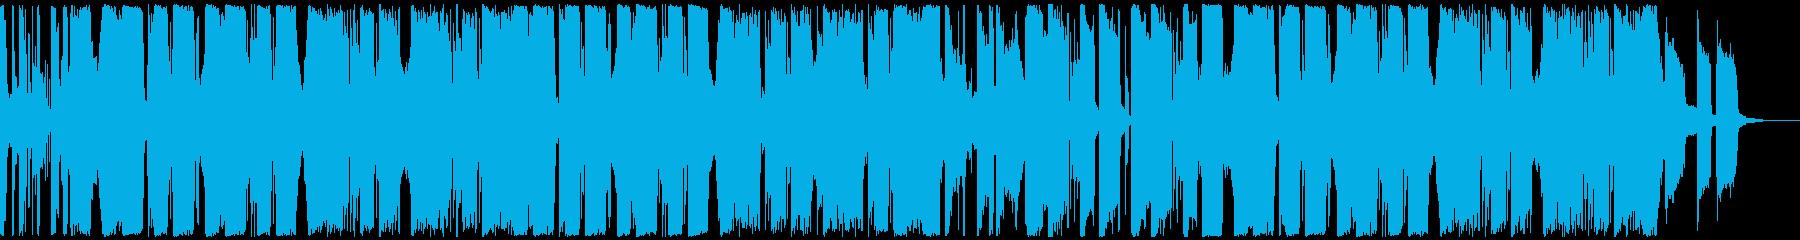 カラフルで爽やかなクラブ系サウンドの再生済みの波形